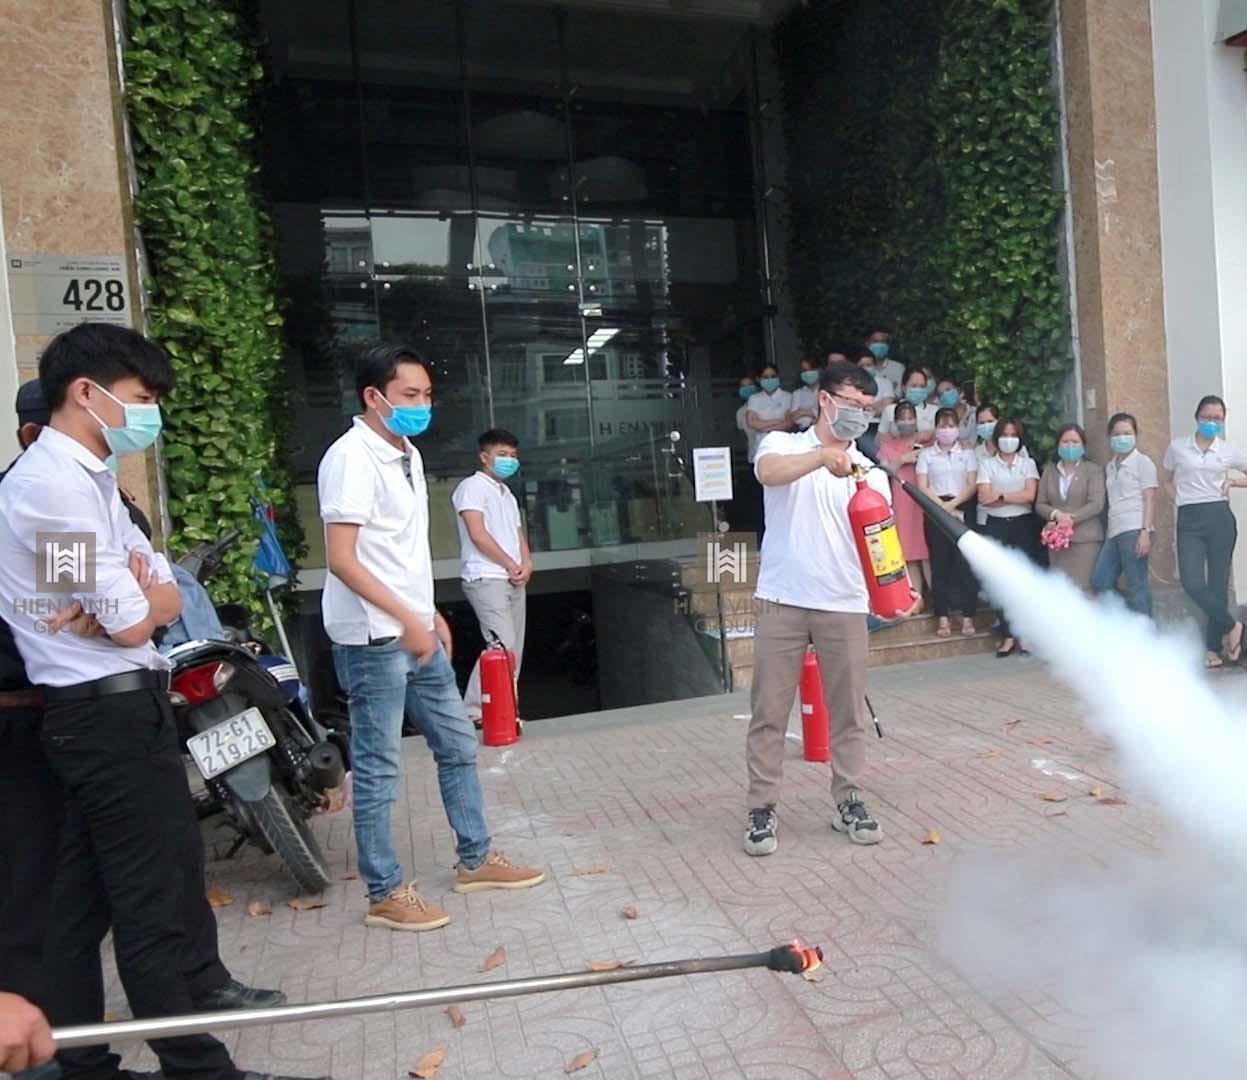 Hiển Vinh Group tổ chức tập huấn phòng cháy chữa cháy tại văn phòng công ty